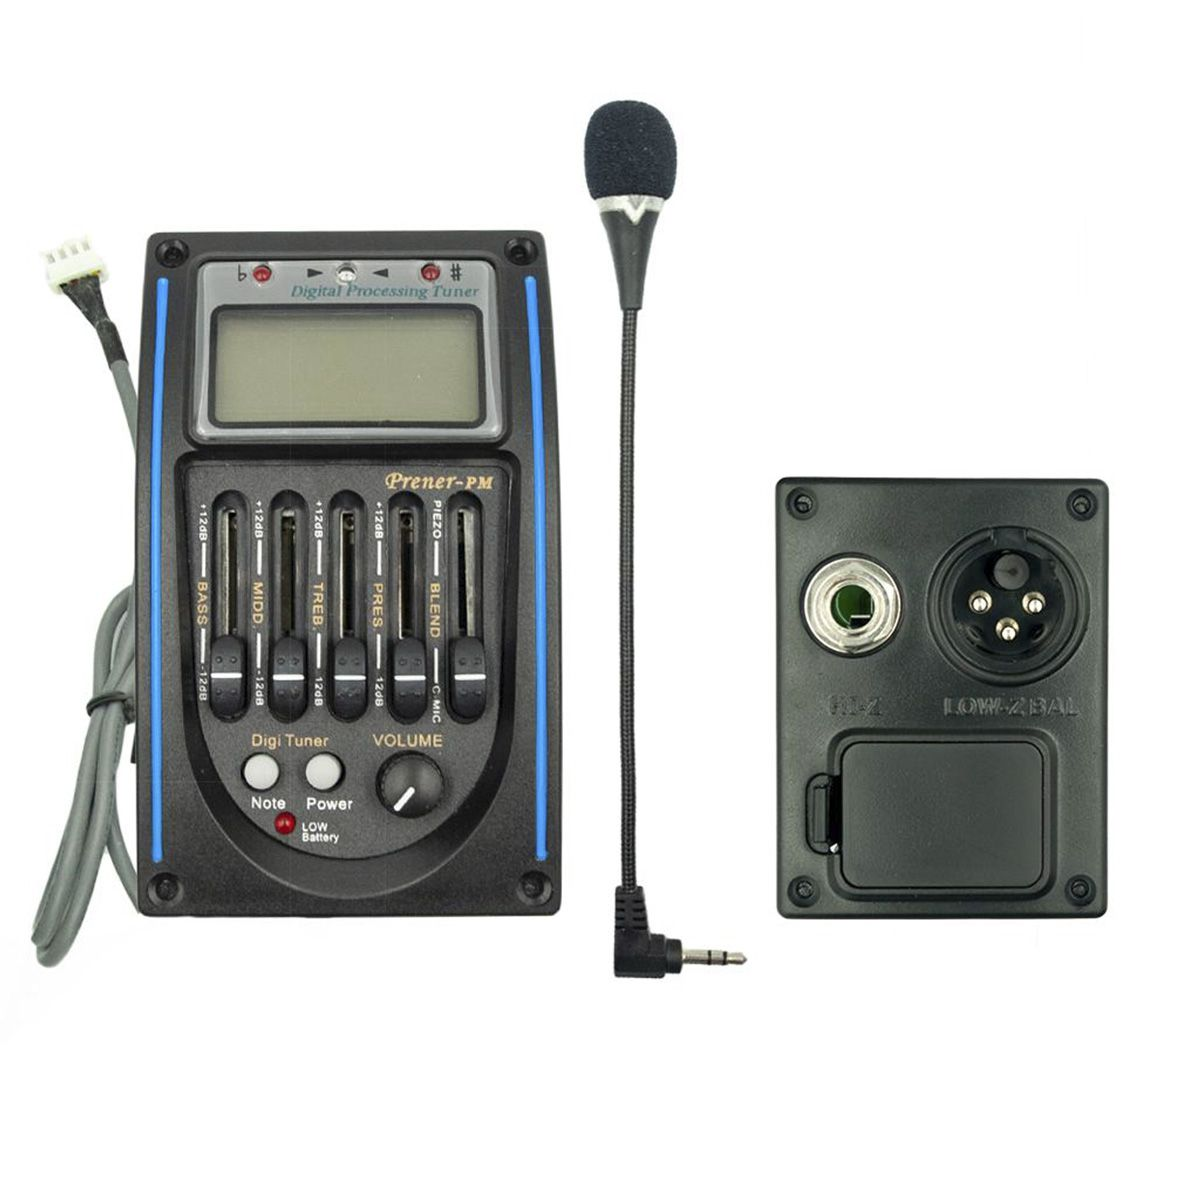 Equalizador 4 Bandas Deval Prener PM C/ Afinador e Microfone